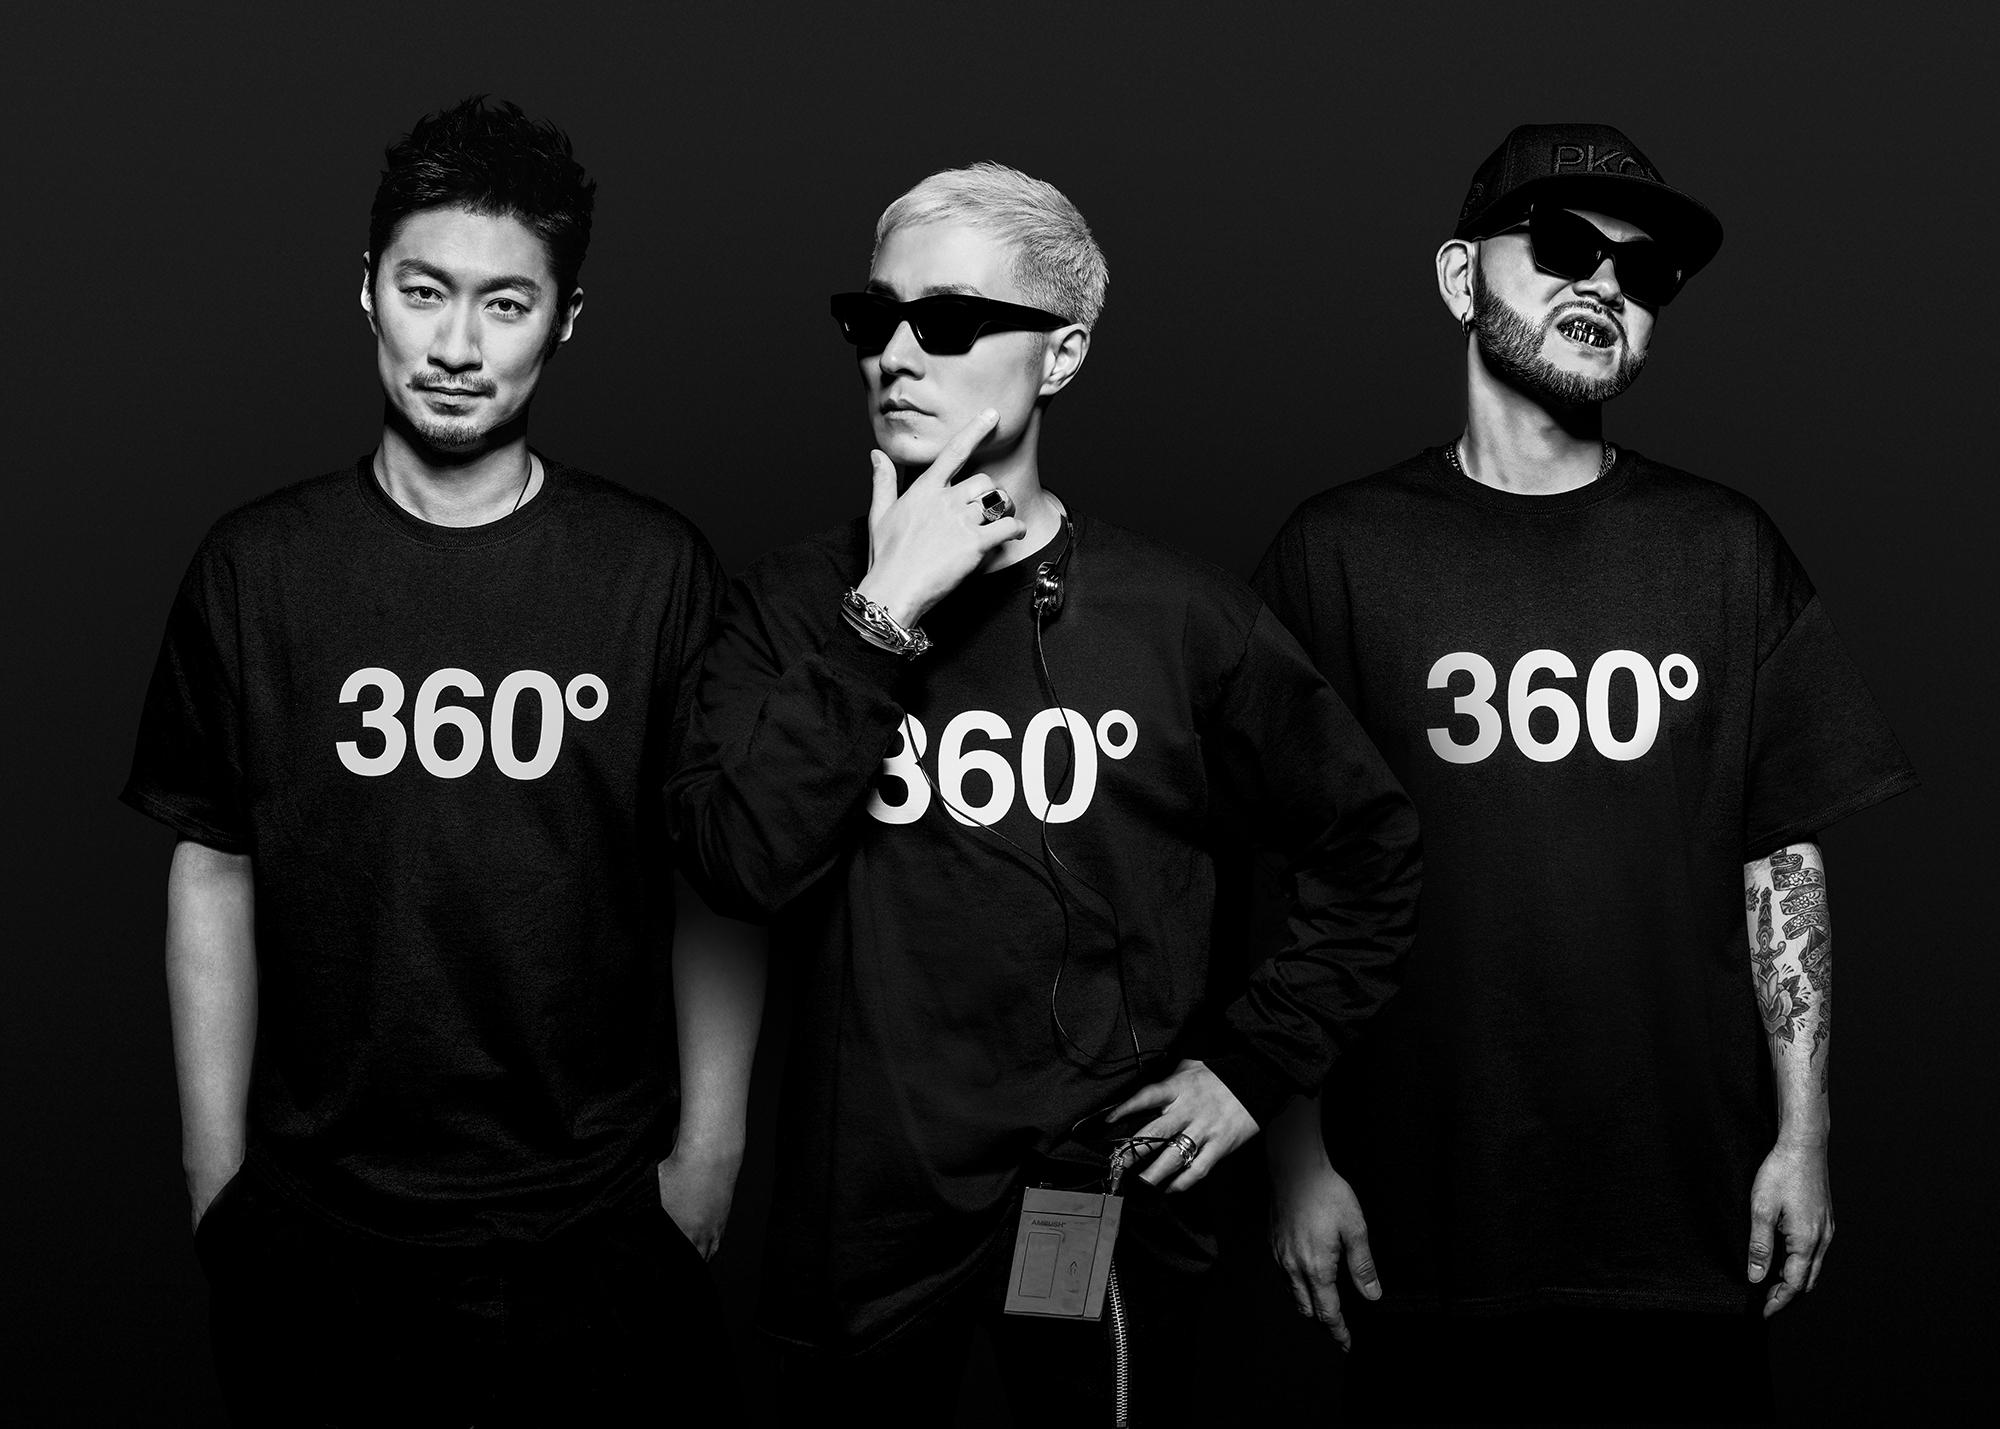 三代目JSB、CRAZYBOY、Afrojackら豪華面々が<br />参加したPKCZ(R)の初オリジナルアルバムは必聴!!